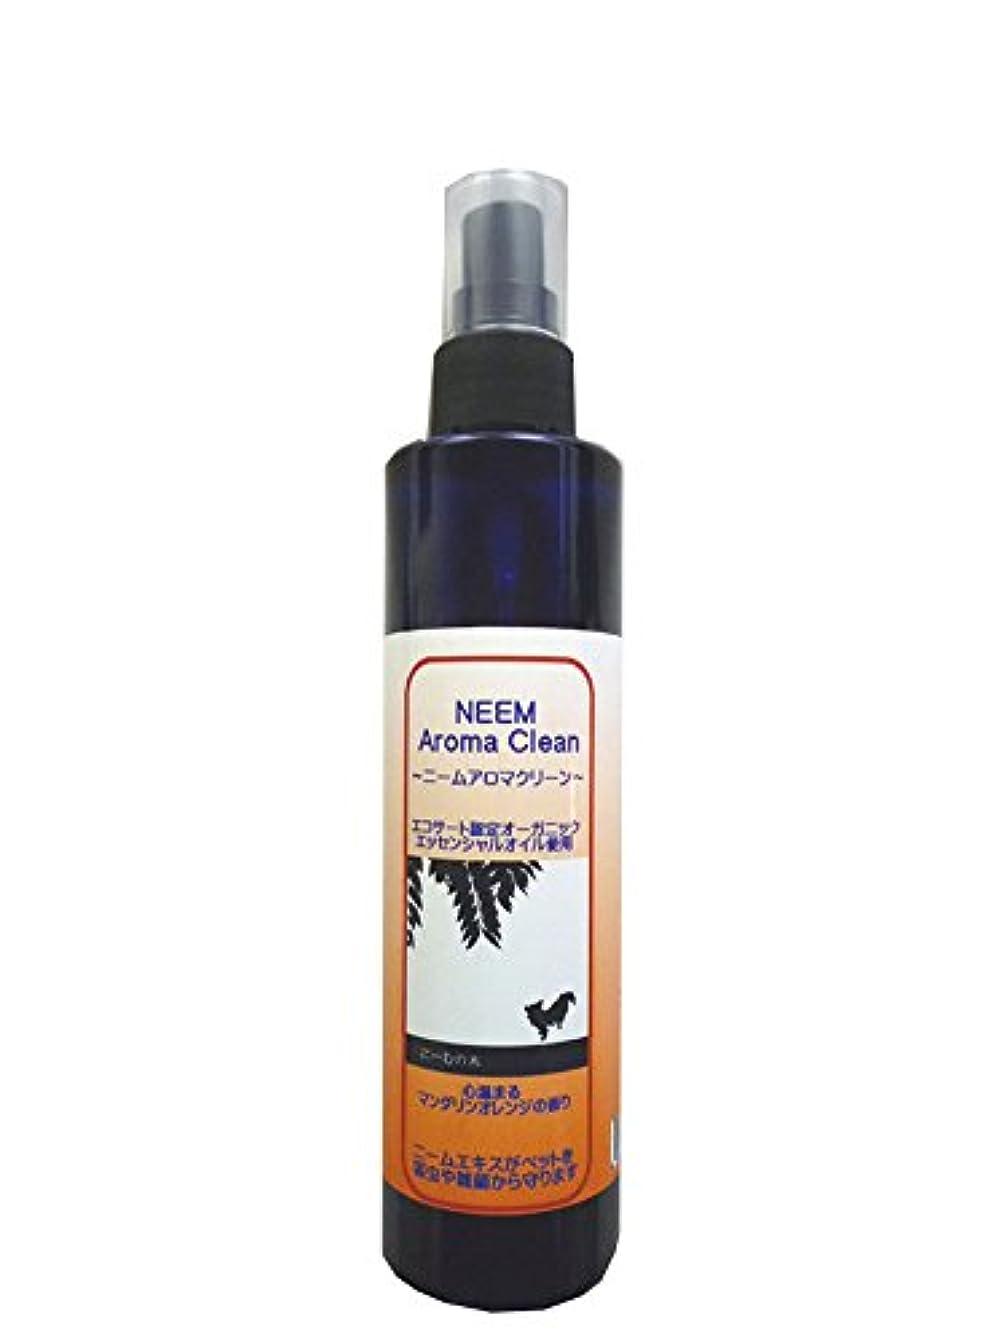 南極ラフレシアアルノルディ典型的なニームアロマクリーン(マンダリンオレンジ) NEEM Aroma Clean 200ml 【BLOOM】【(ノミ?ダニ)駆除用としてもお使いいただけます。】